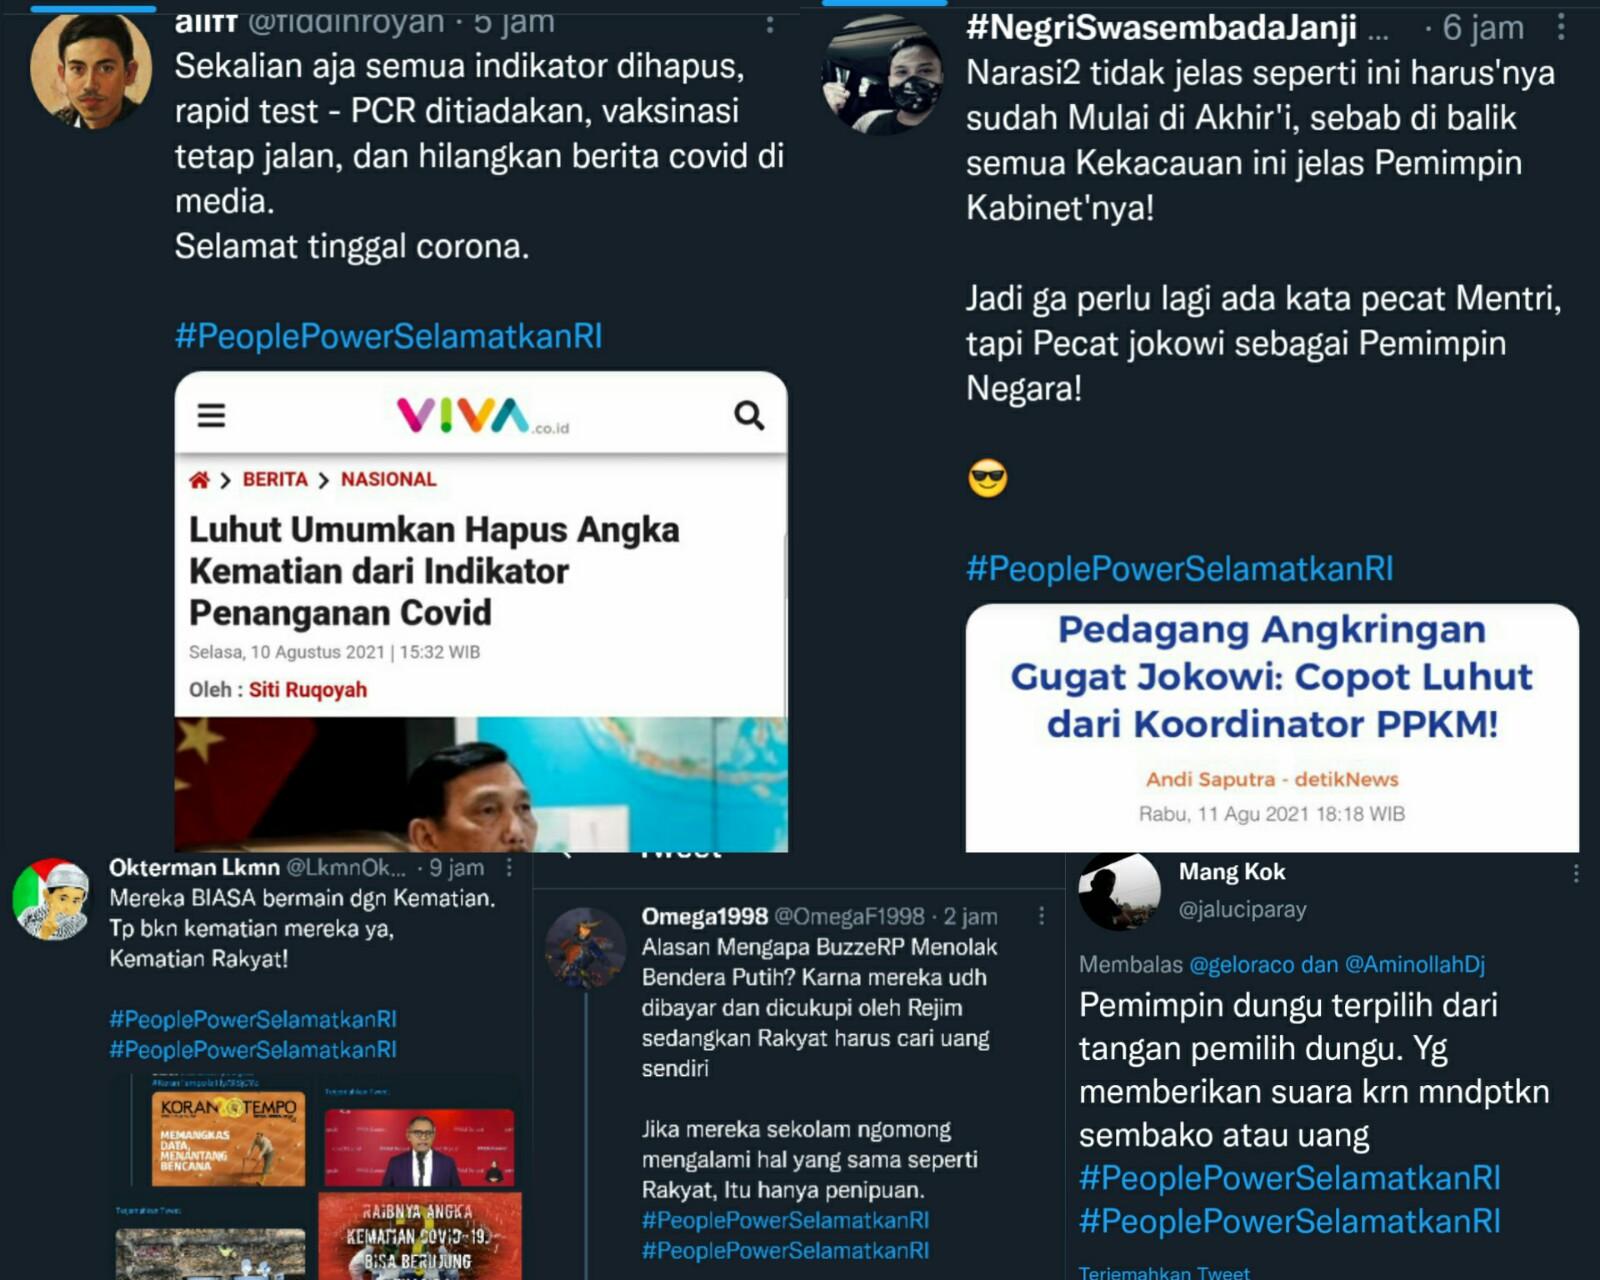 Netizen Serukan Pecat Jokowi Sebagai Pemimpin Negara, Tagar #PeoplePowerSelamatkanRI Trending